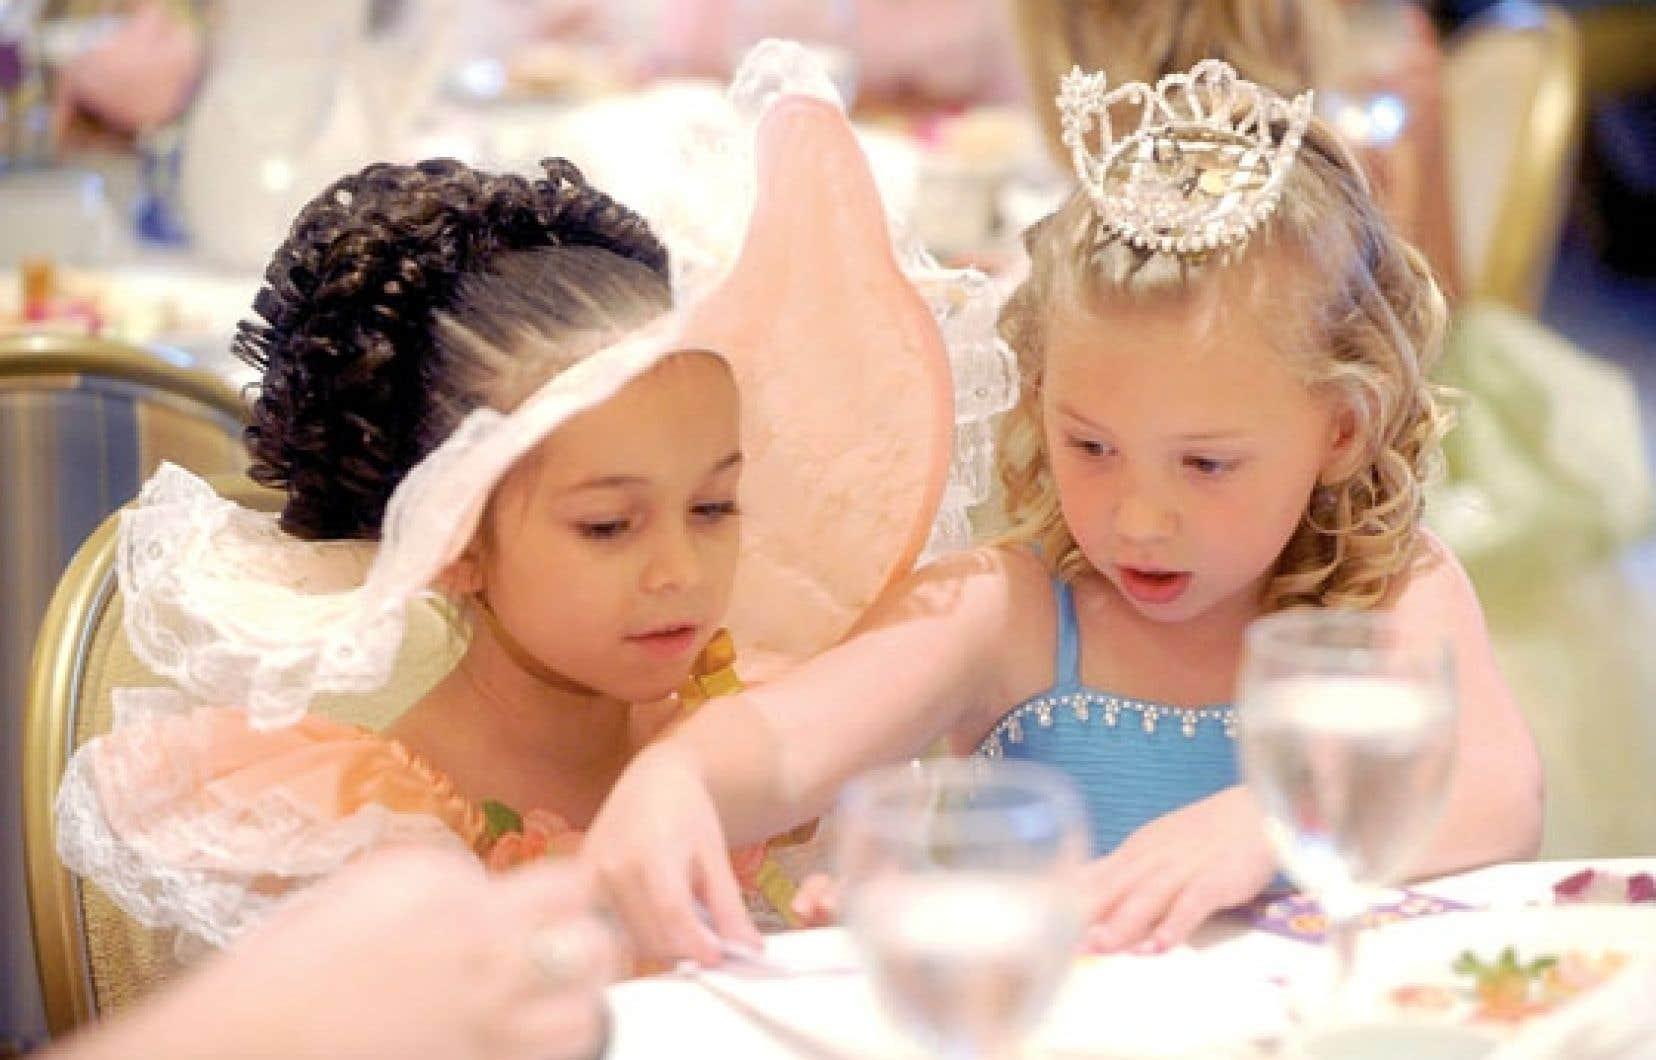 Pour les instigateurs de la pétition, les concours de « mini miss », très populaires aux États-Unis, véhiculent des images des enfants qui sont lourdes de sens.